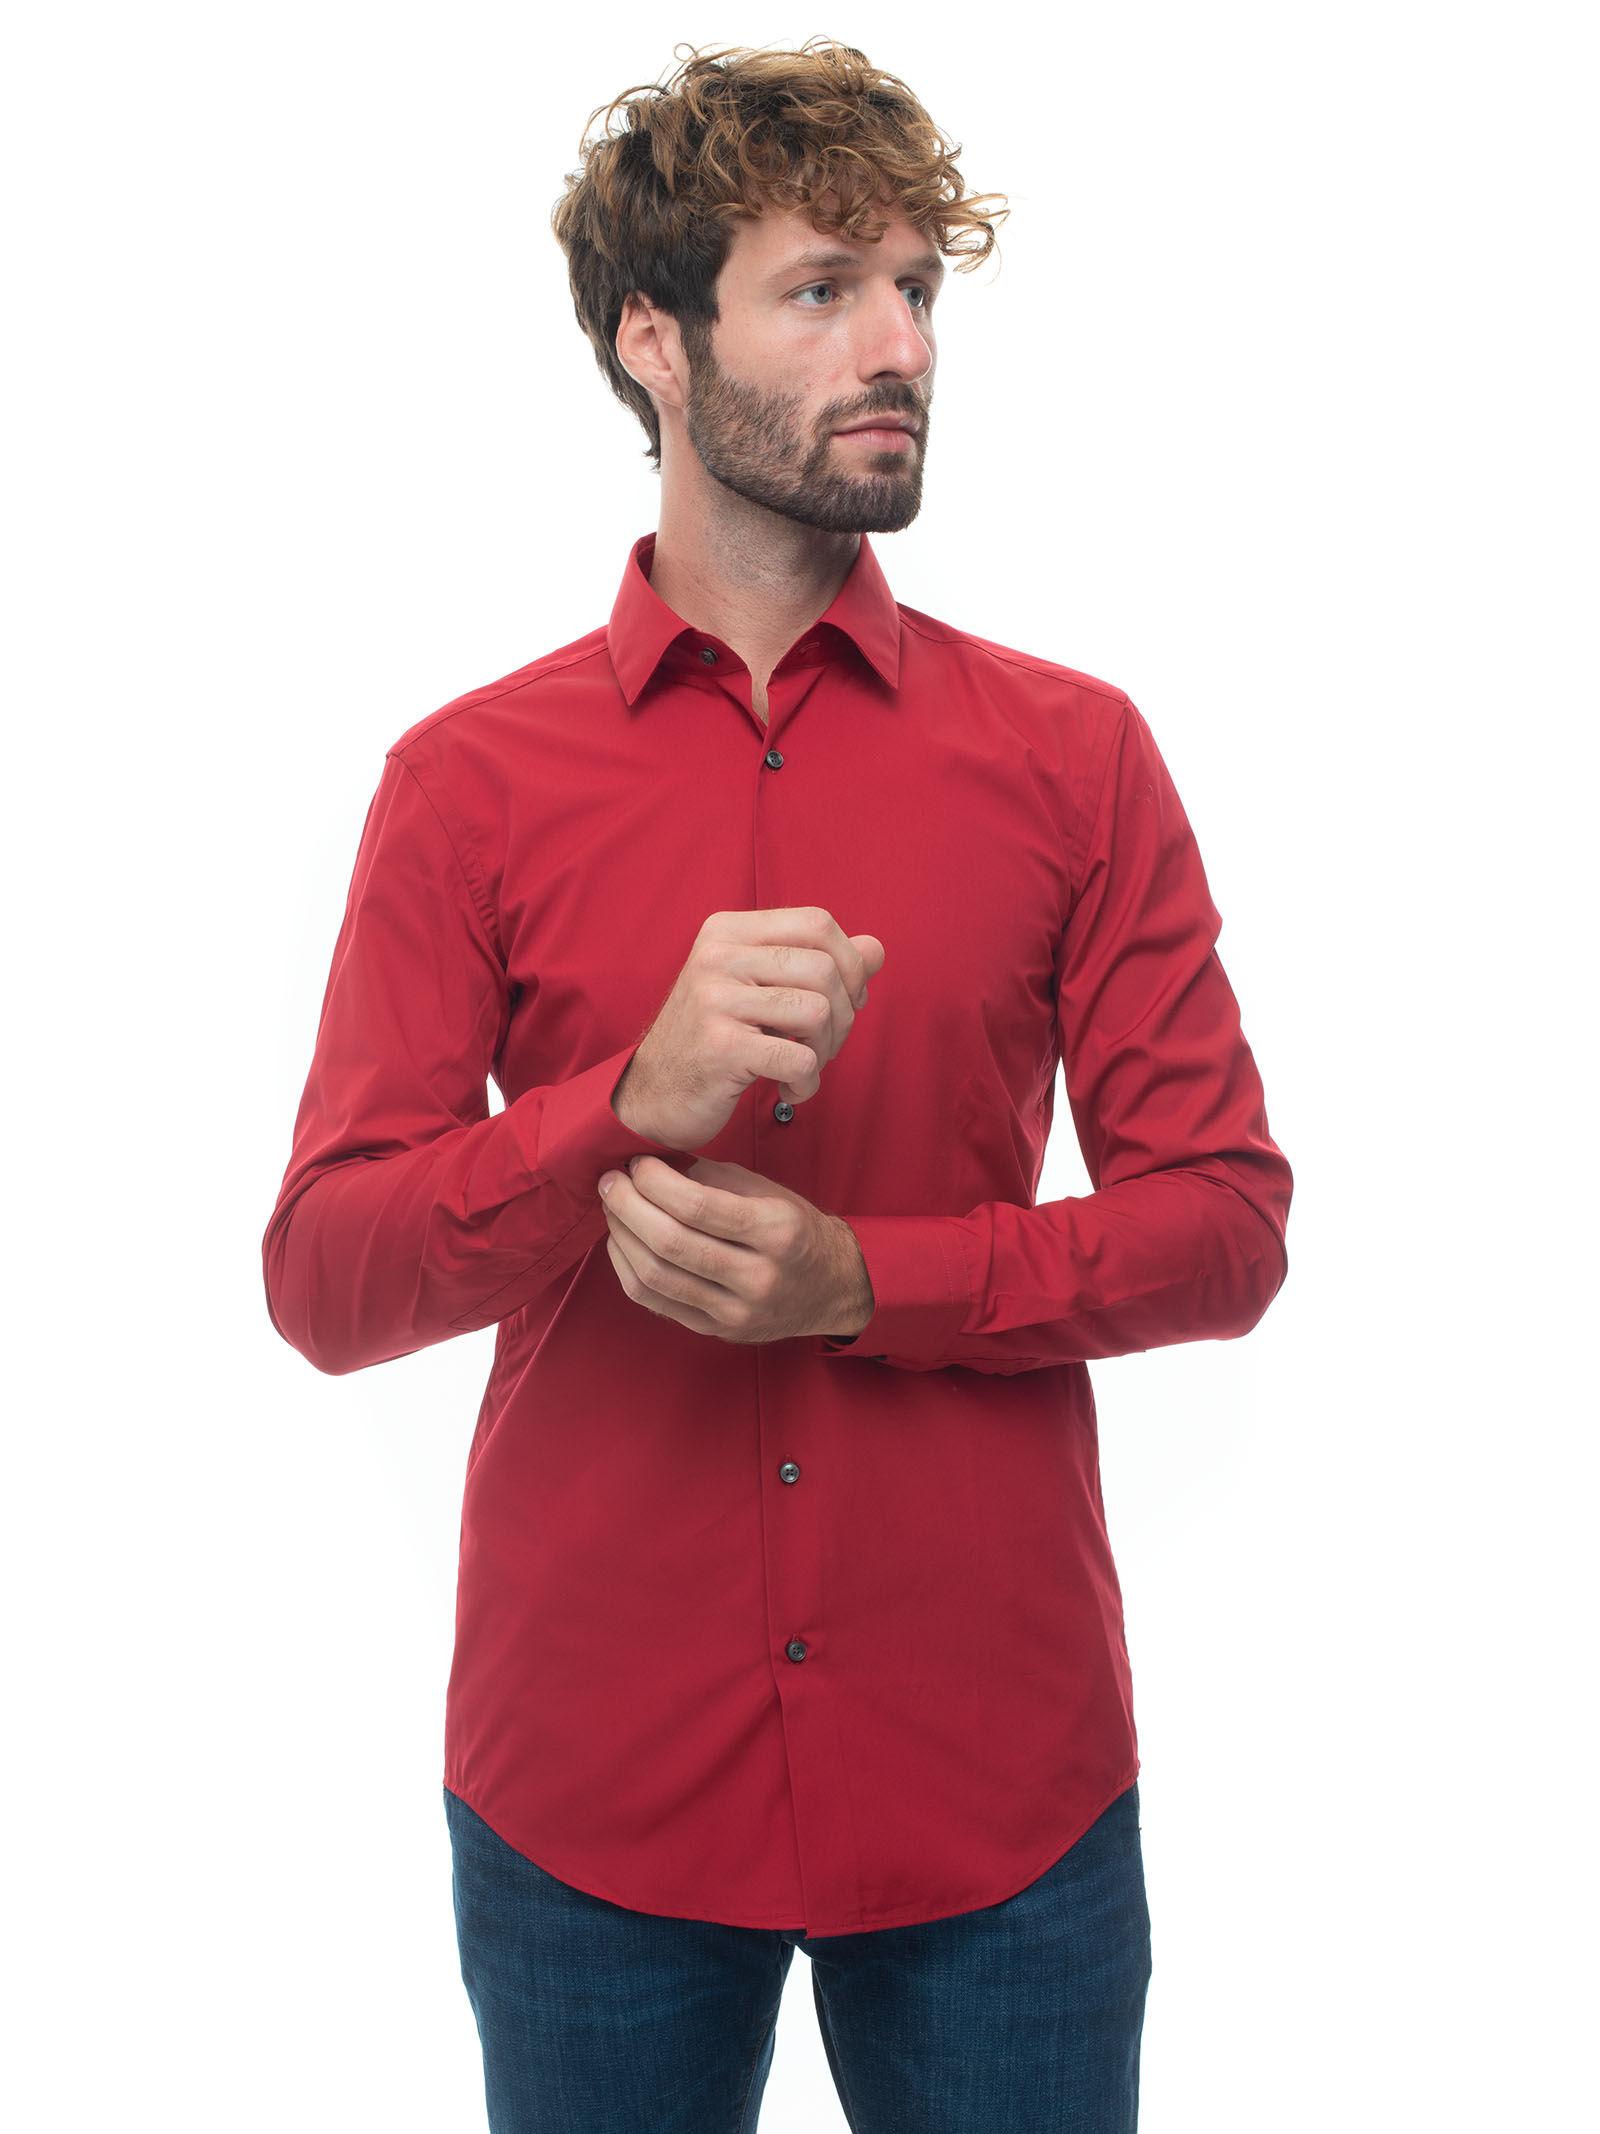 Boss Camicia classica da uomo Rosso Uomo